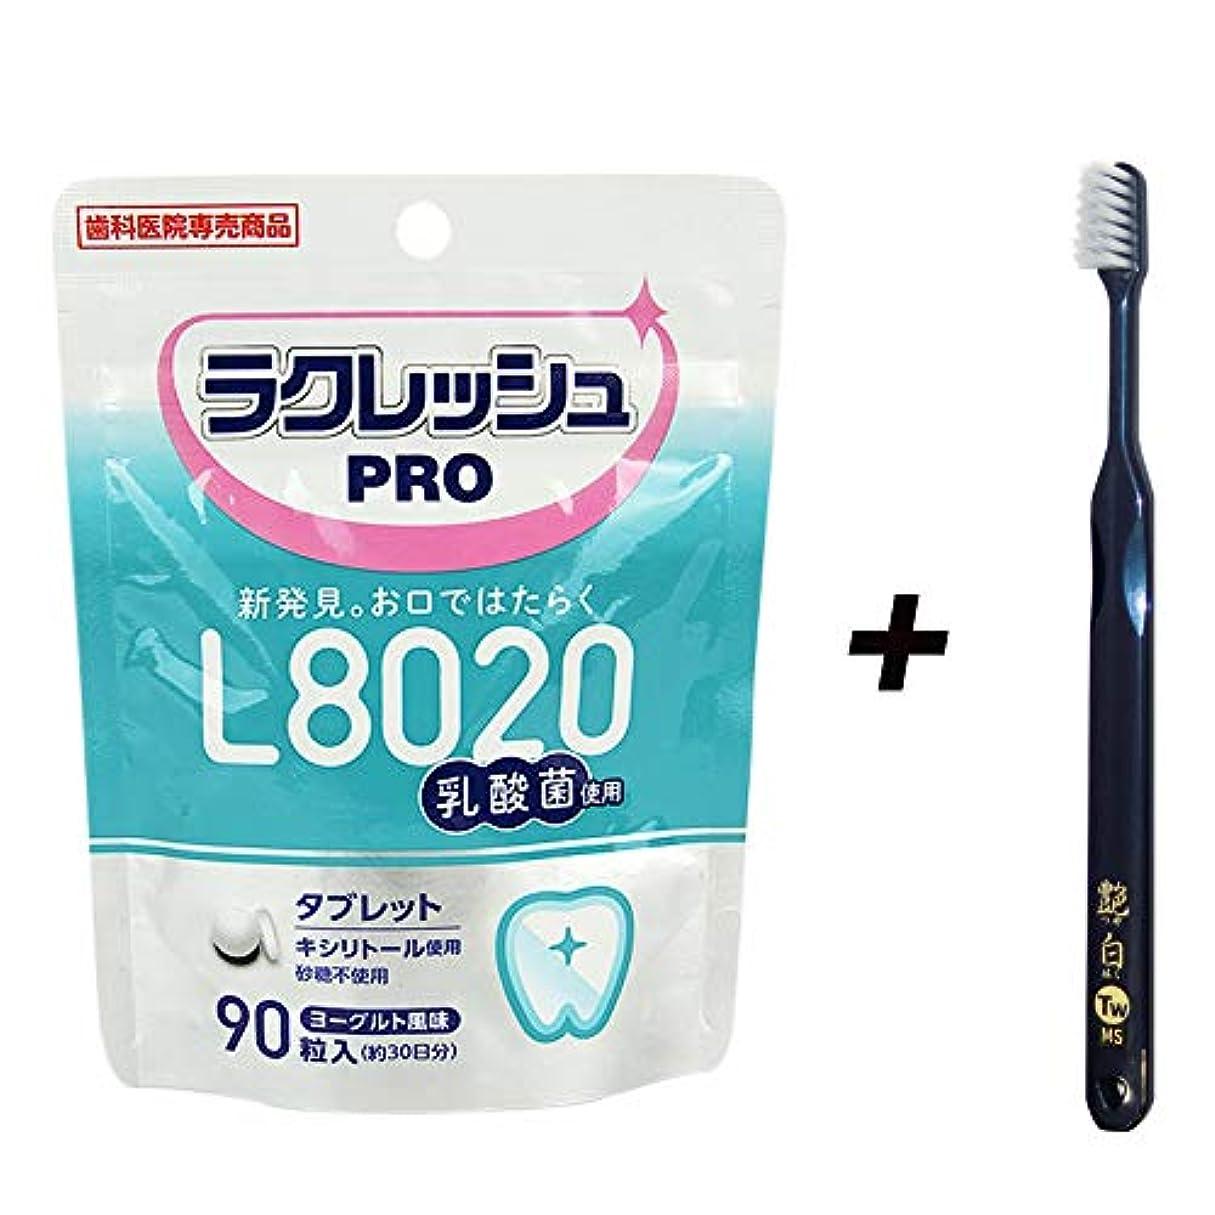 宿命個人報復L8020 乳酸菌 ラクレッシュ PRO タブレット 90粒×1袋 + 日本製歯ブラシ 艶白(つやはく)ツイン ハブラシ 1本 MS(やややわらかめ) 歯科医院取扱品